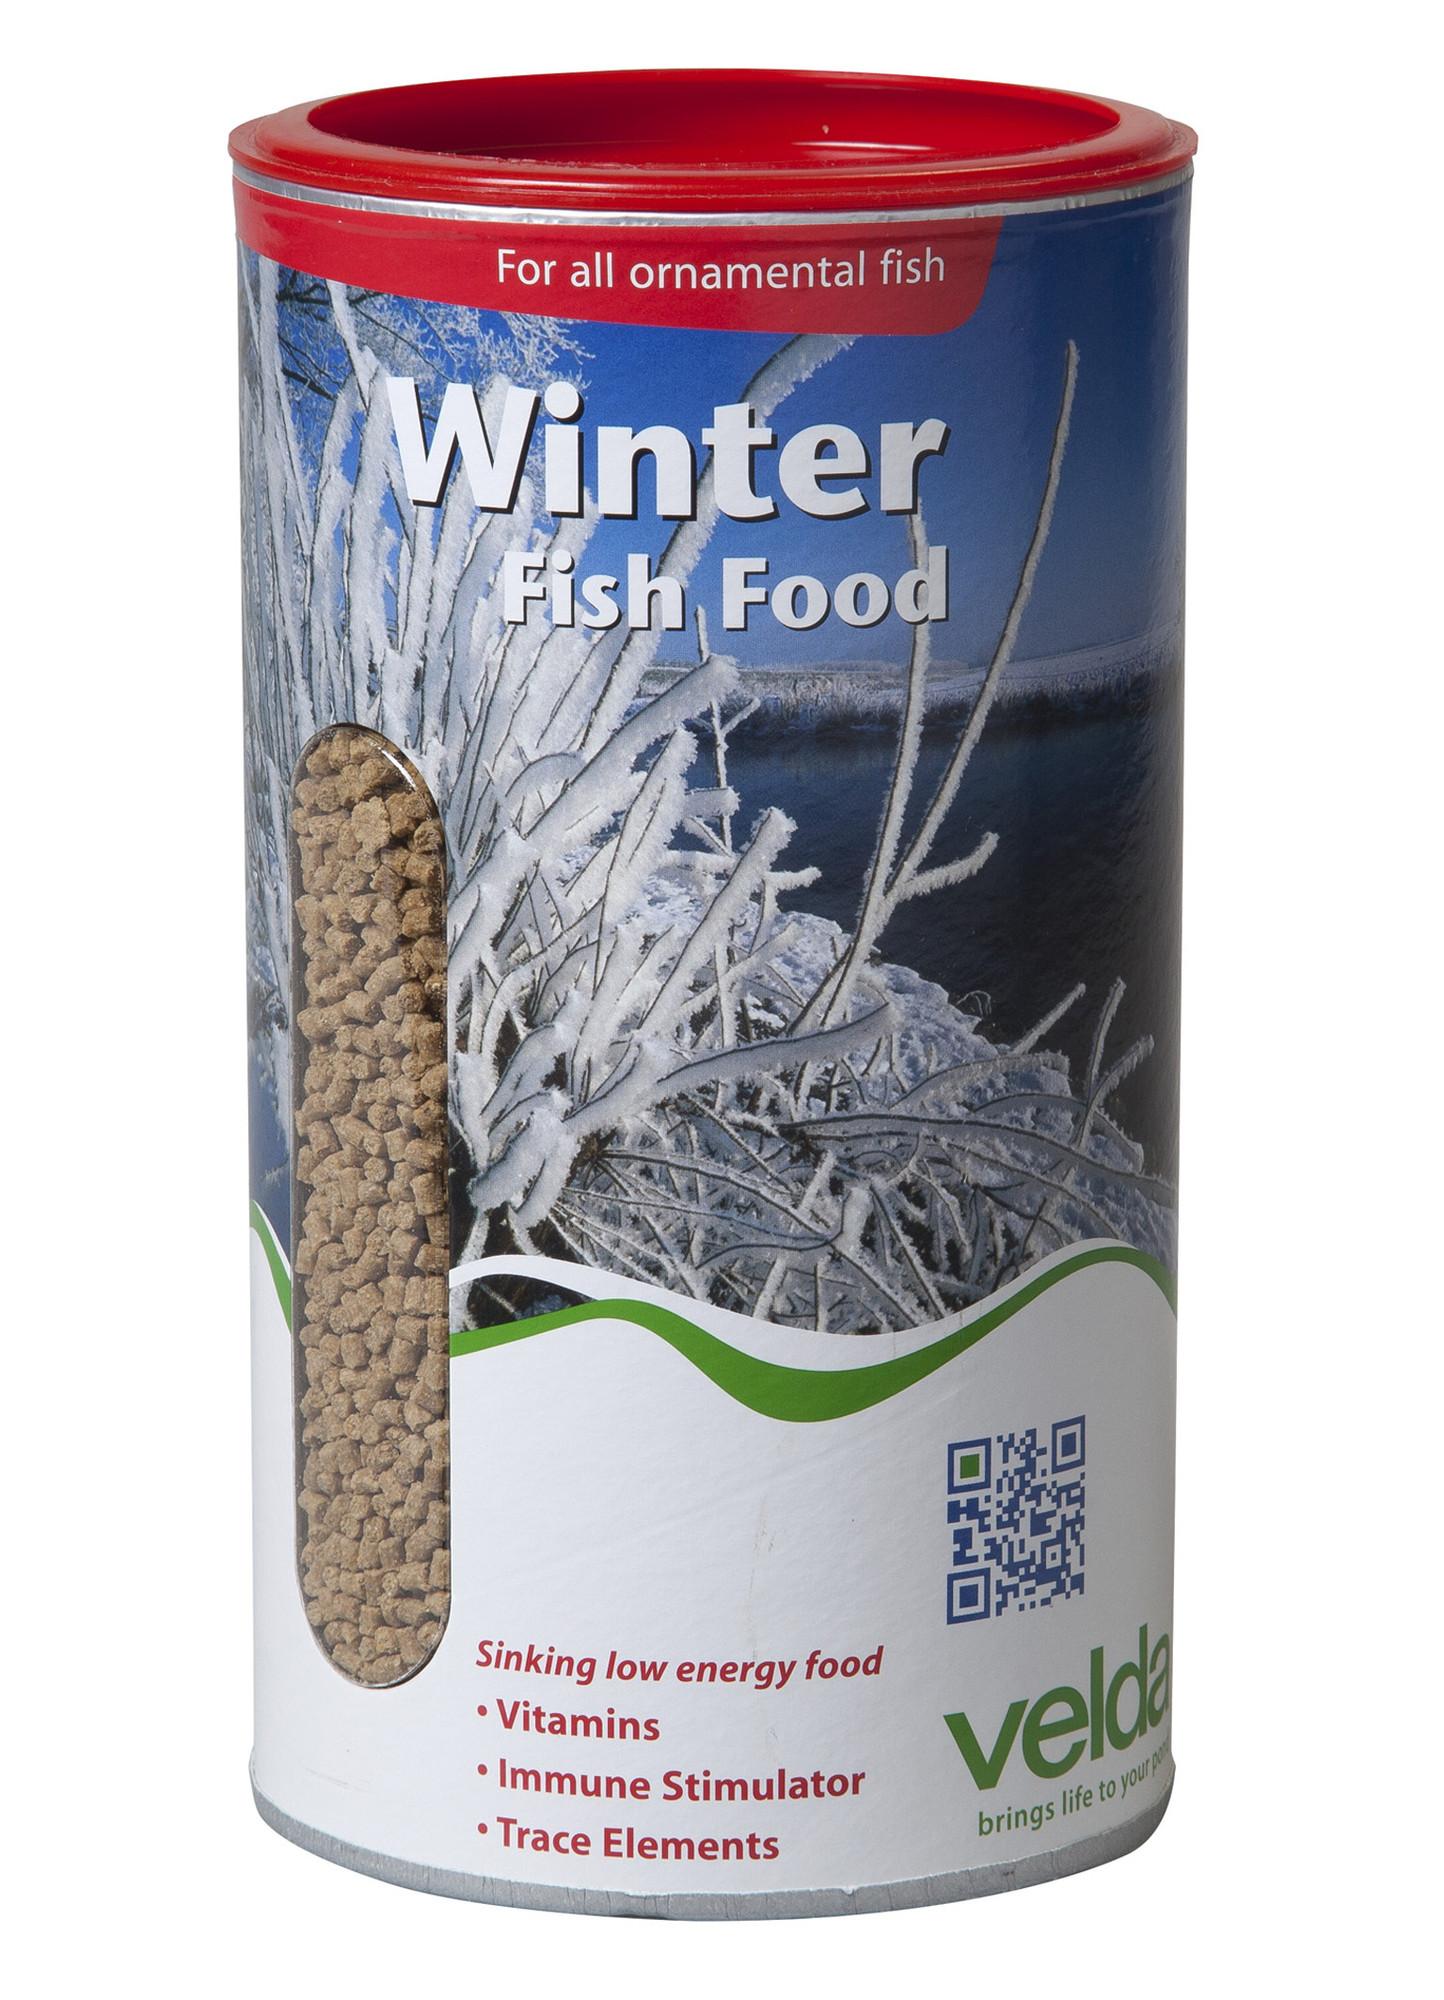 Velda Winter Fish Food 2500 Ml / 1350 Gram